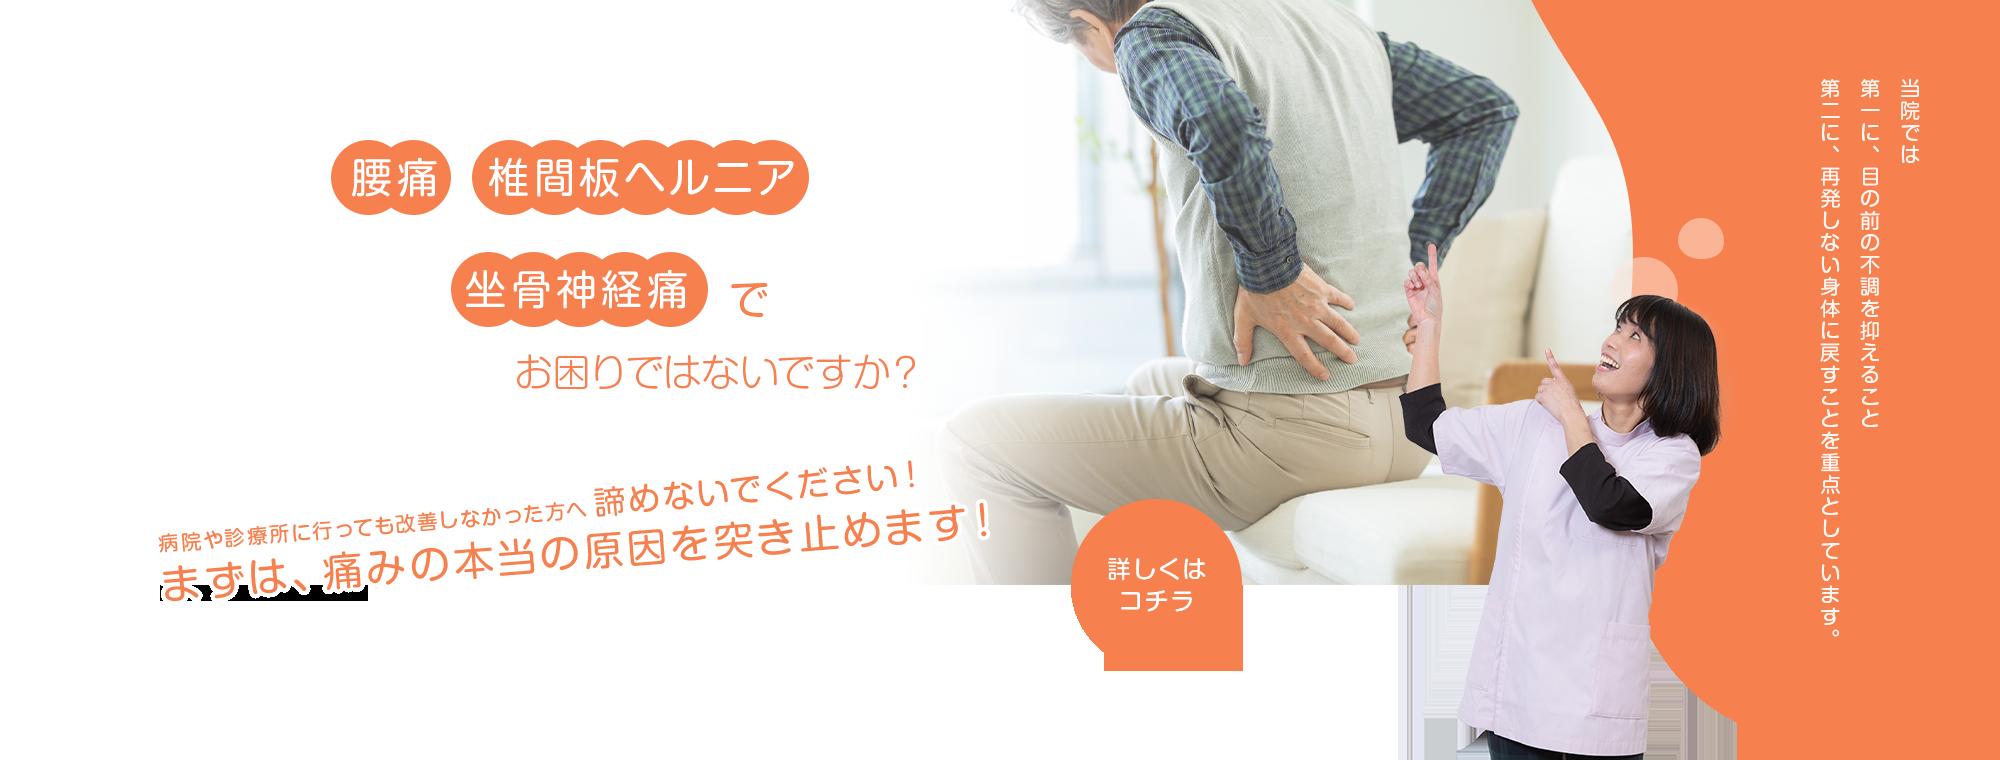 病院や診療所に行っても改善しなかった方へ 諦めないでください!まずは、痛みの本当の原因を突き止めます!当院では 第一に、目の前の不調を抑えること 第二に、再発しない身体に戻すことを重点としています。